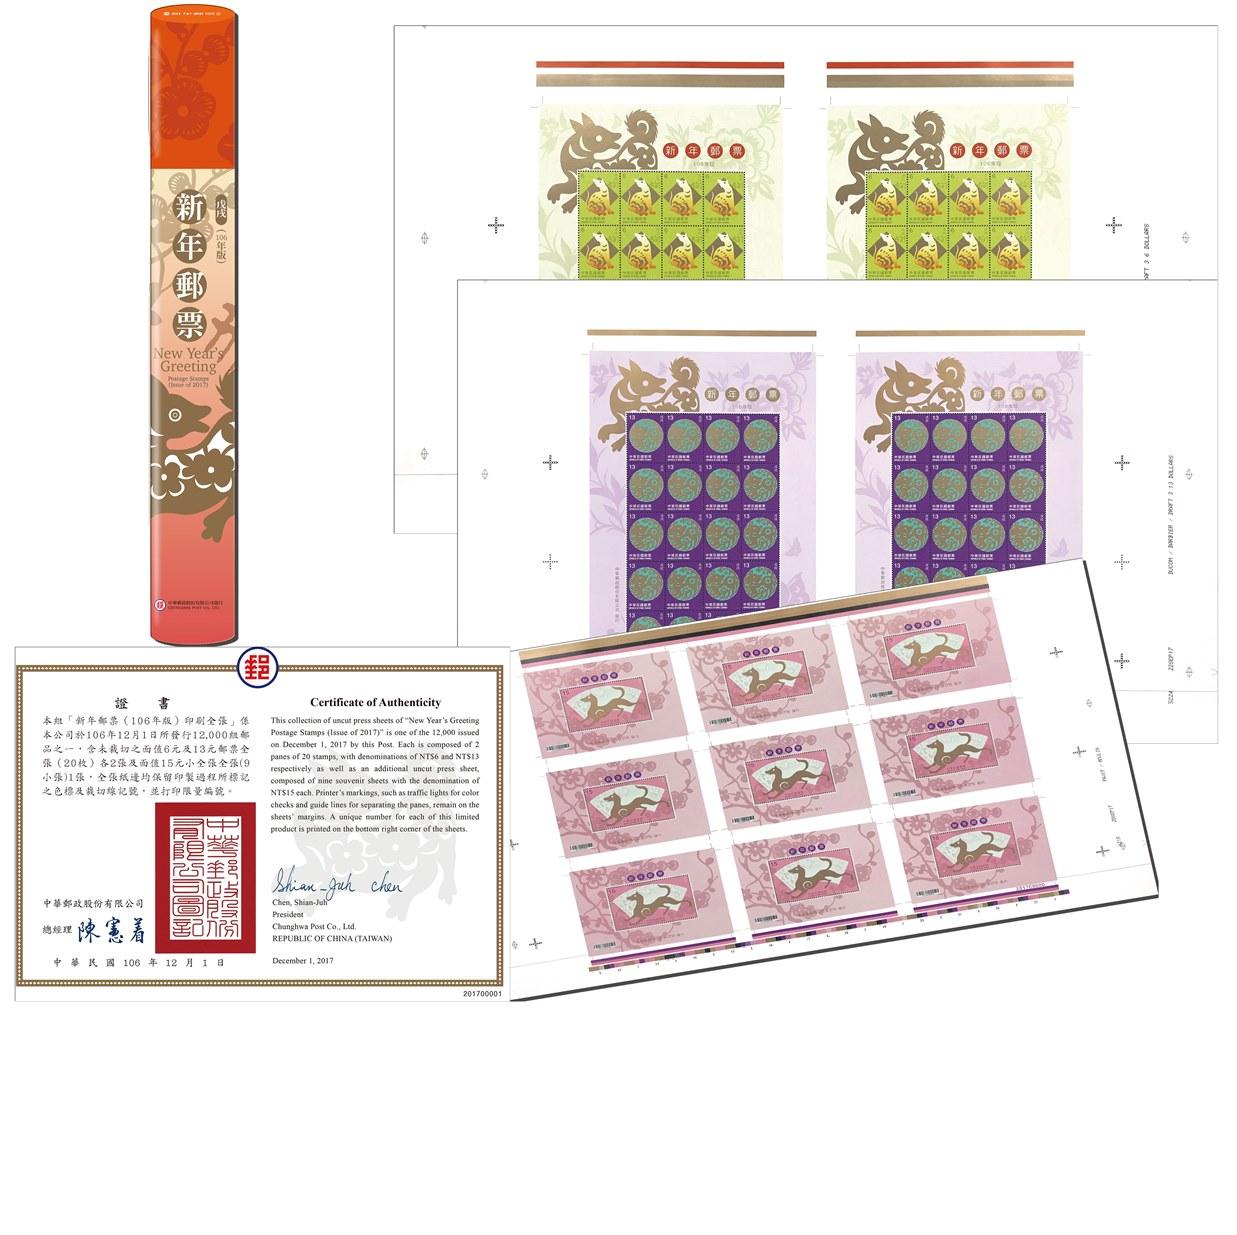 新年郵票(106年版) 印刷全張郵品